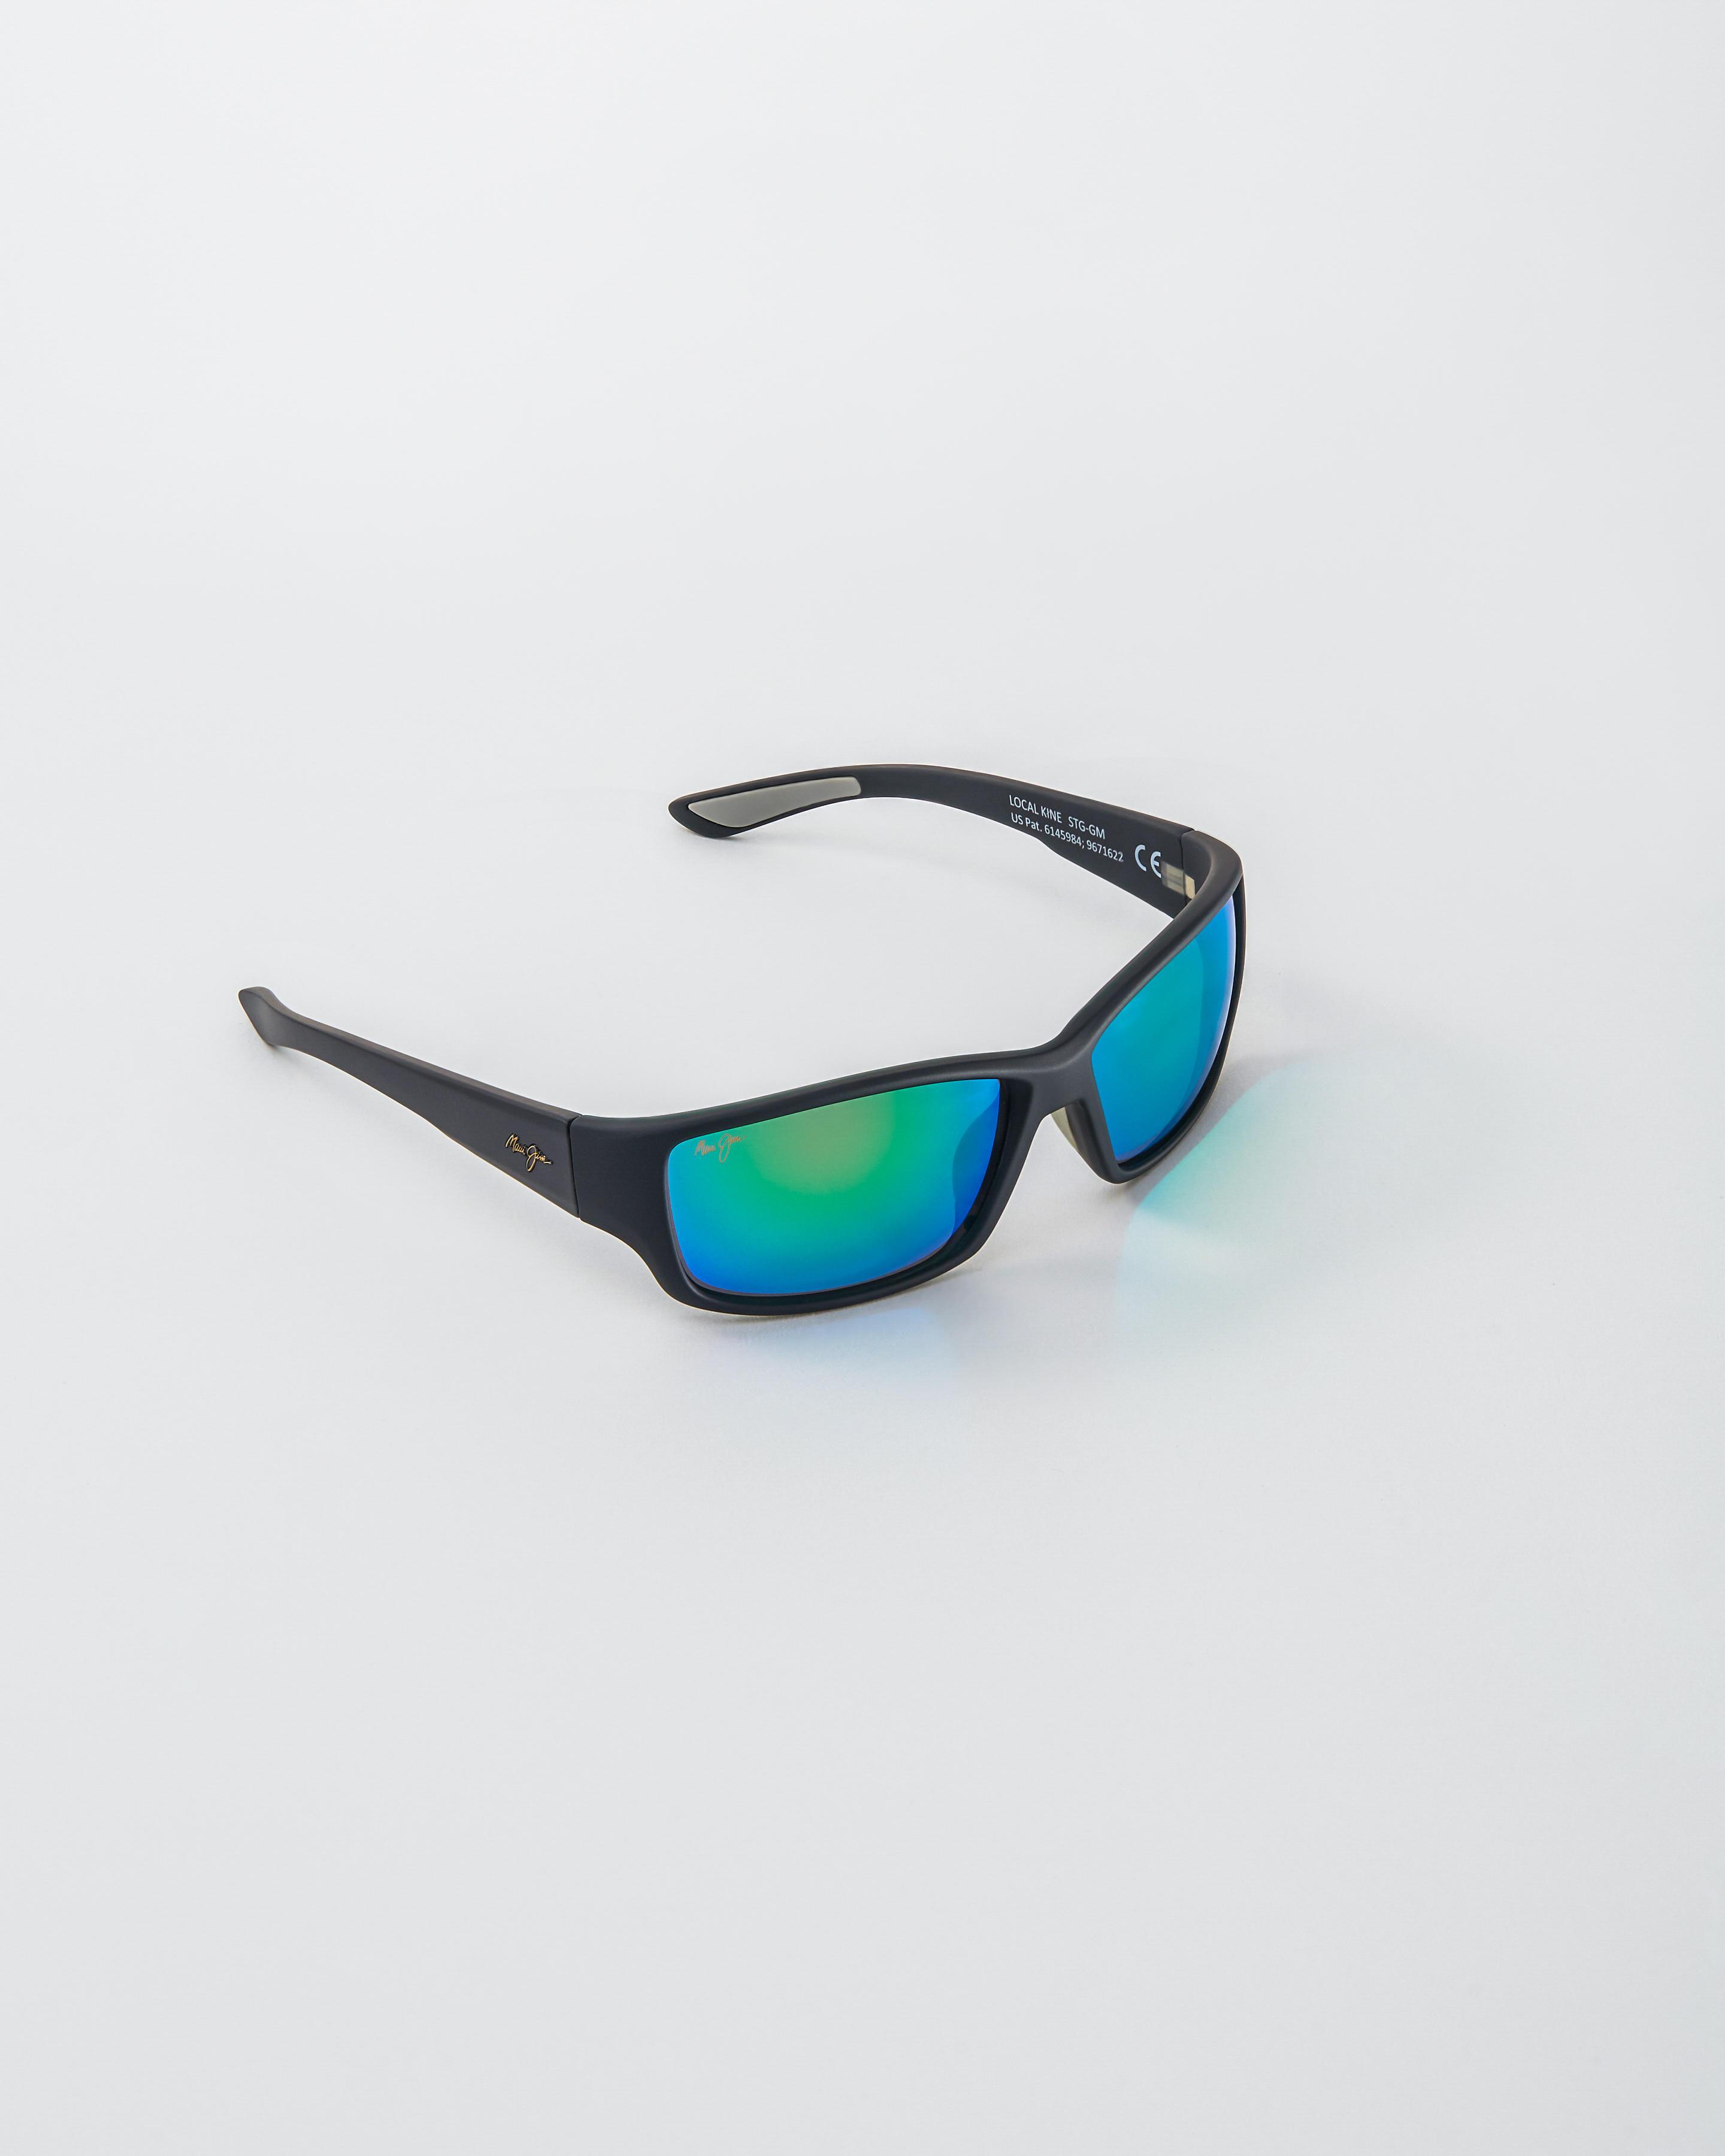 Solstice Sunglasses - CLOSED